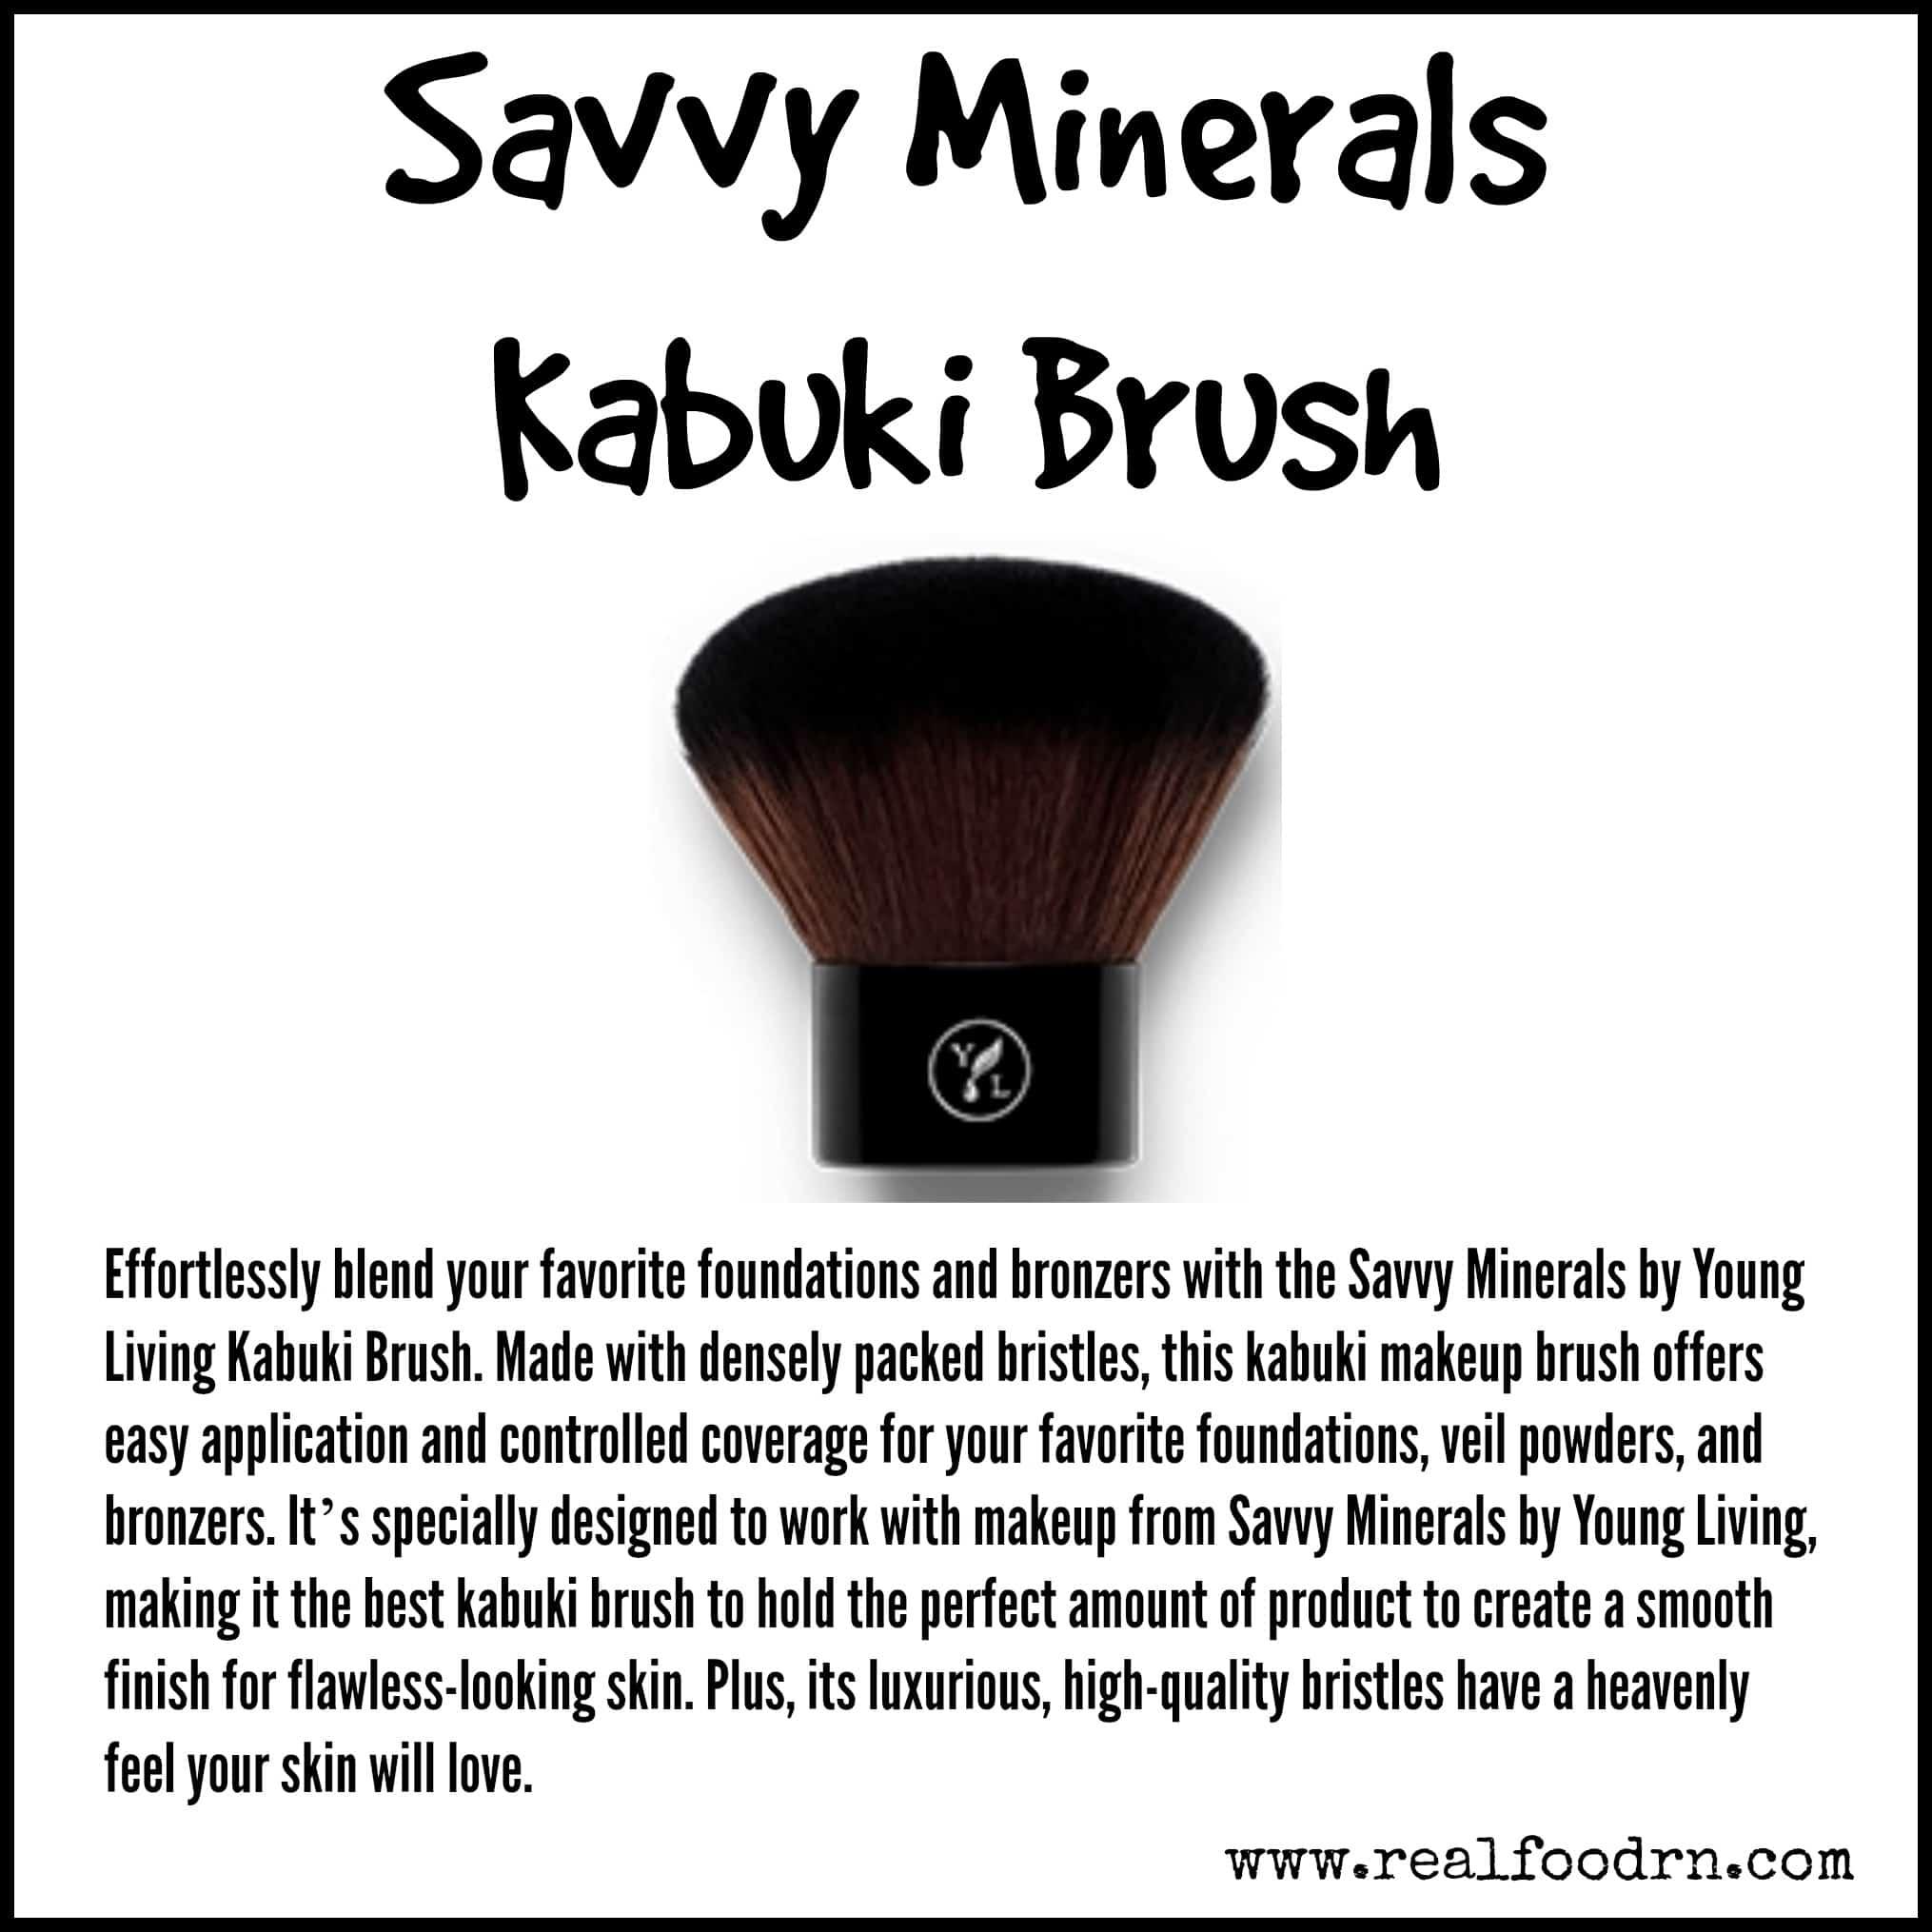 Savvy Minerals Kabuki Brush